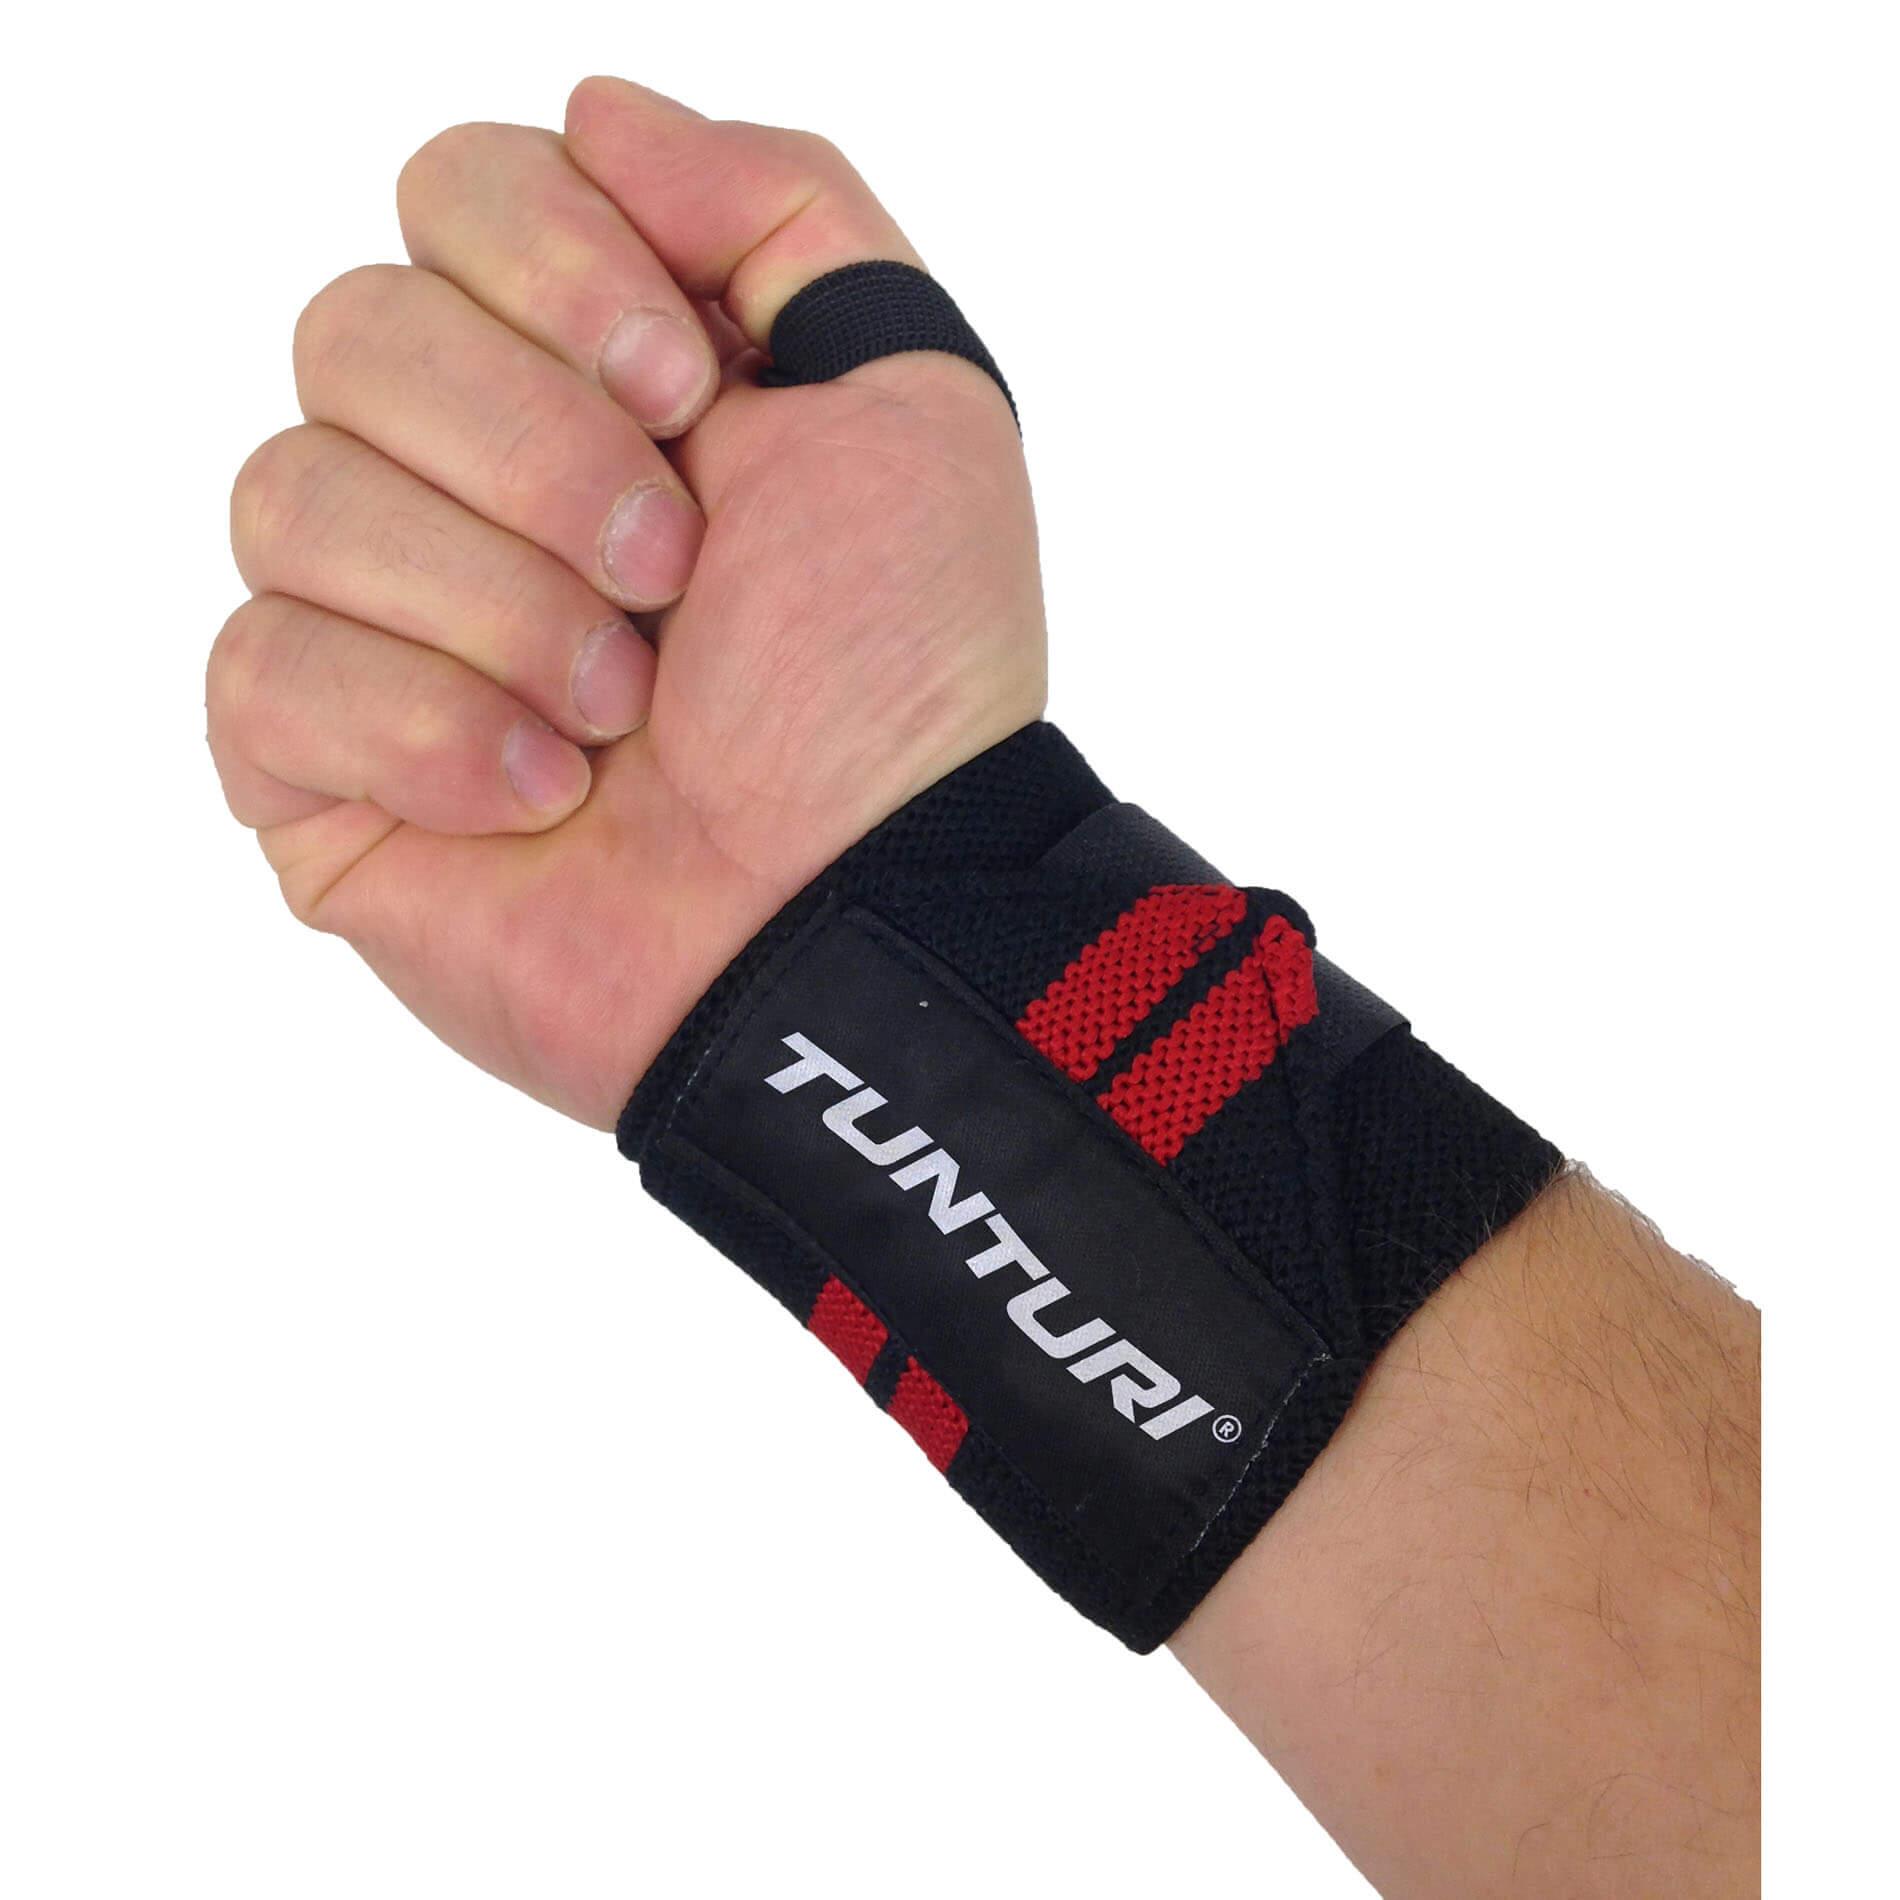 Wrist Wraps - Pair